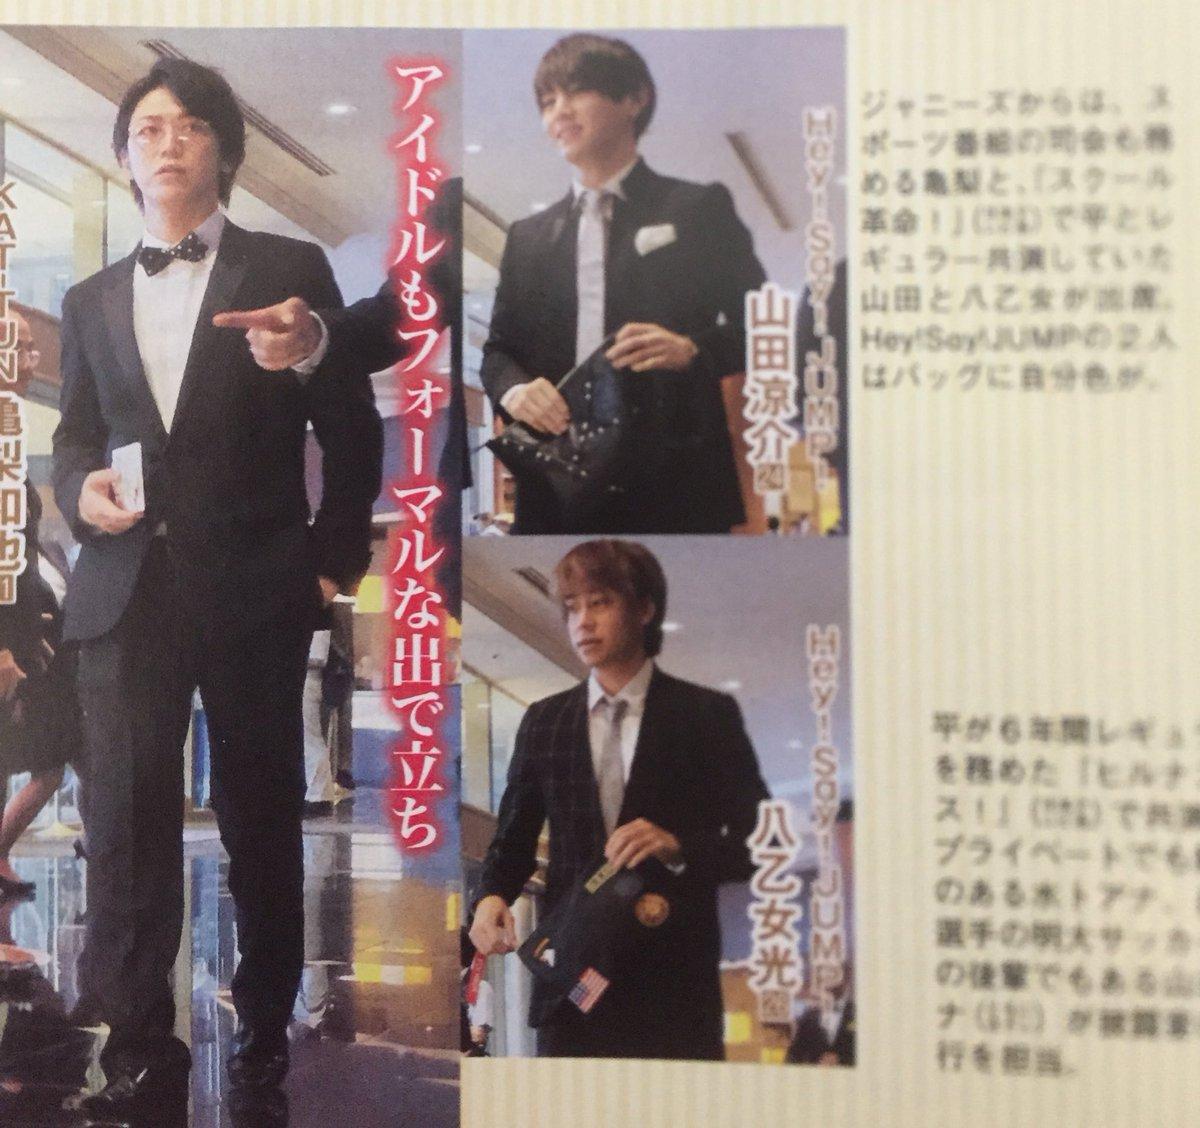 【ジャニーズ私物】Hey!Say!JUMP山田涼介と八乙女光のクラッチバッグの庶民価格にファン驚愕!